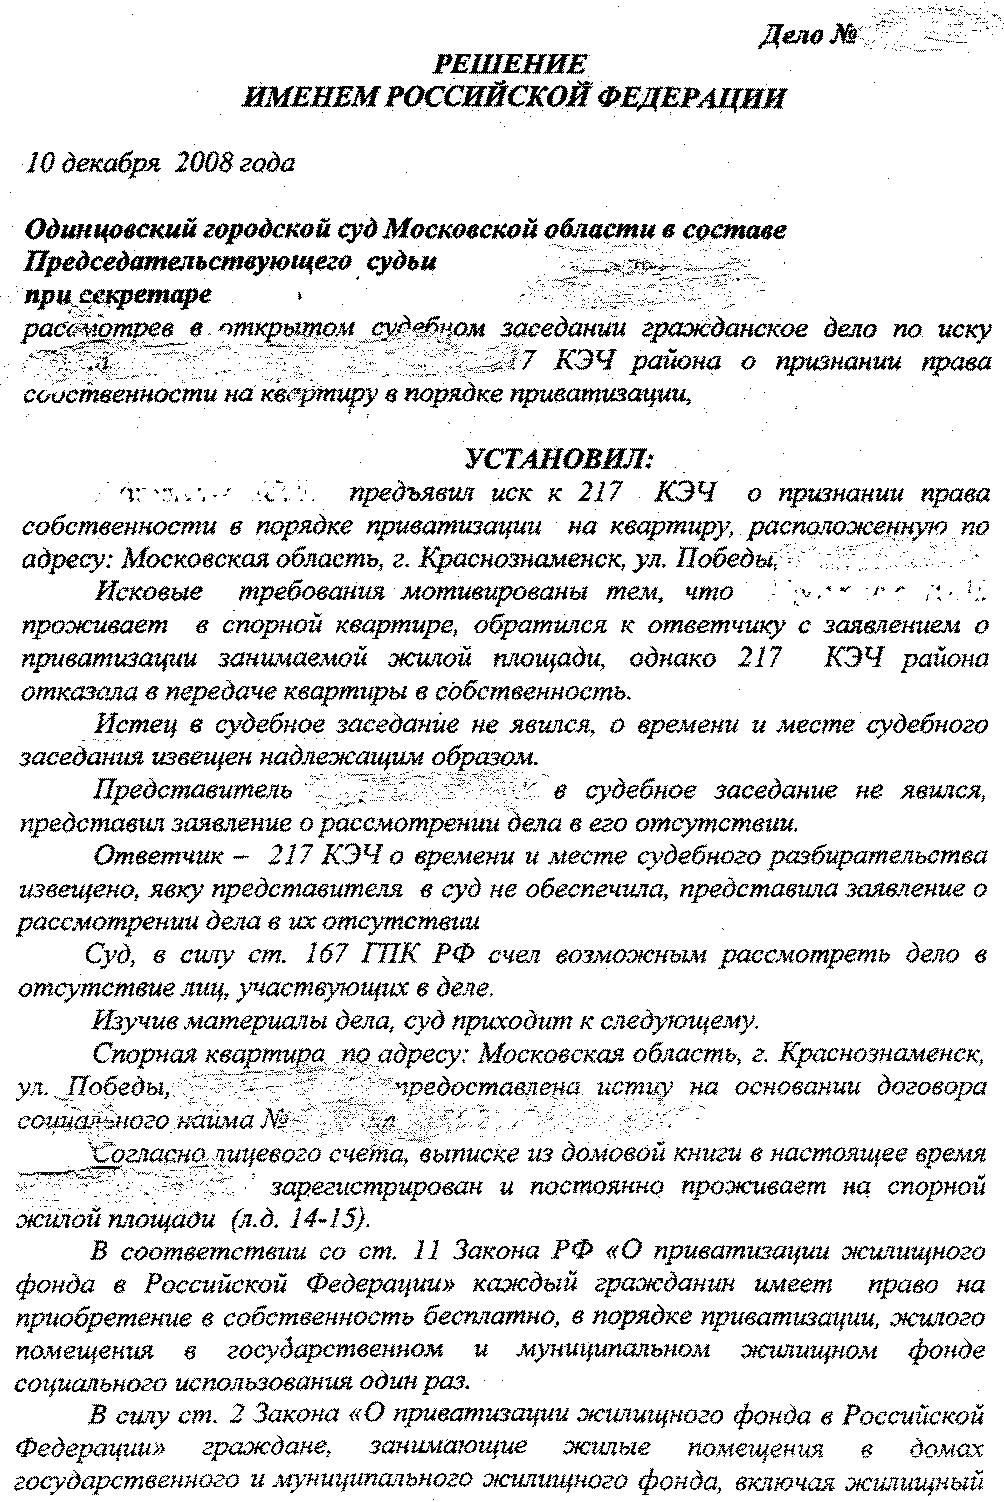 Инструкция об учете жилья в рф